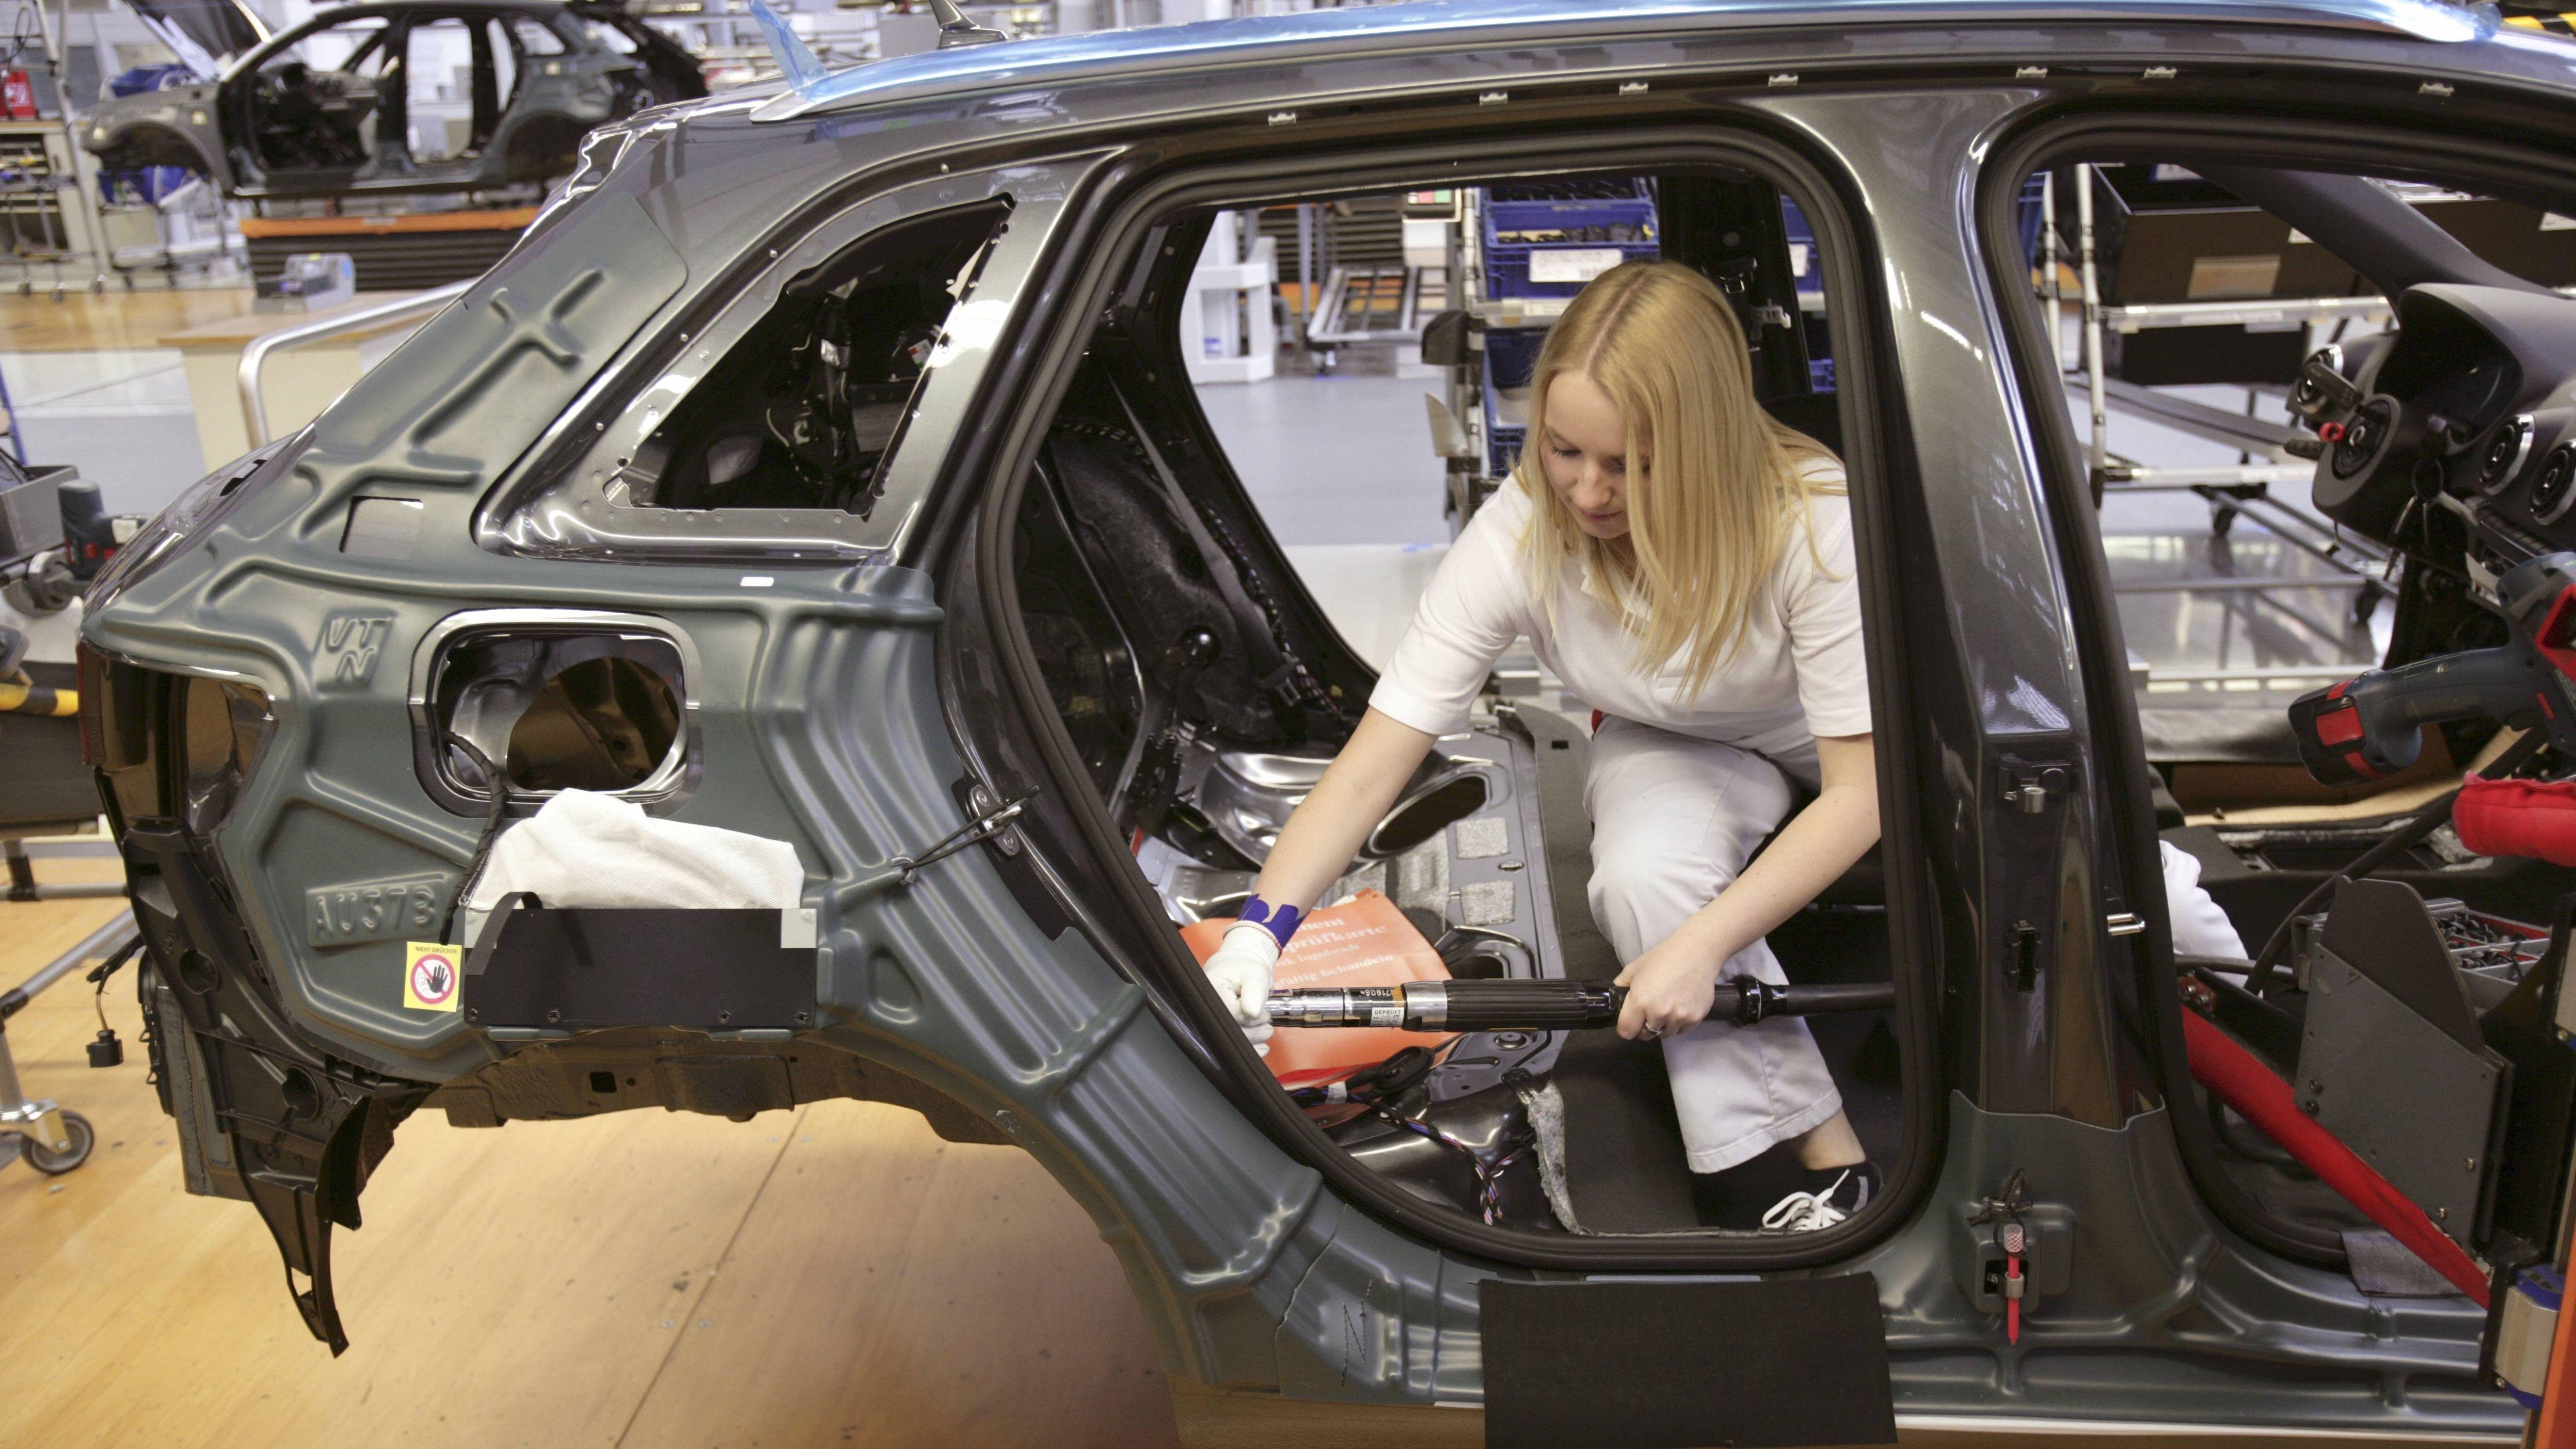 Produktion im Audi-Werk in Ingolstadt